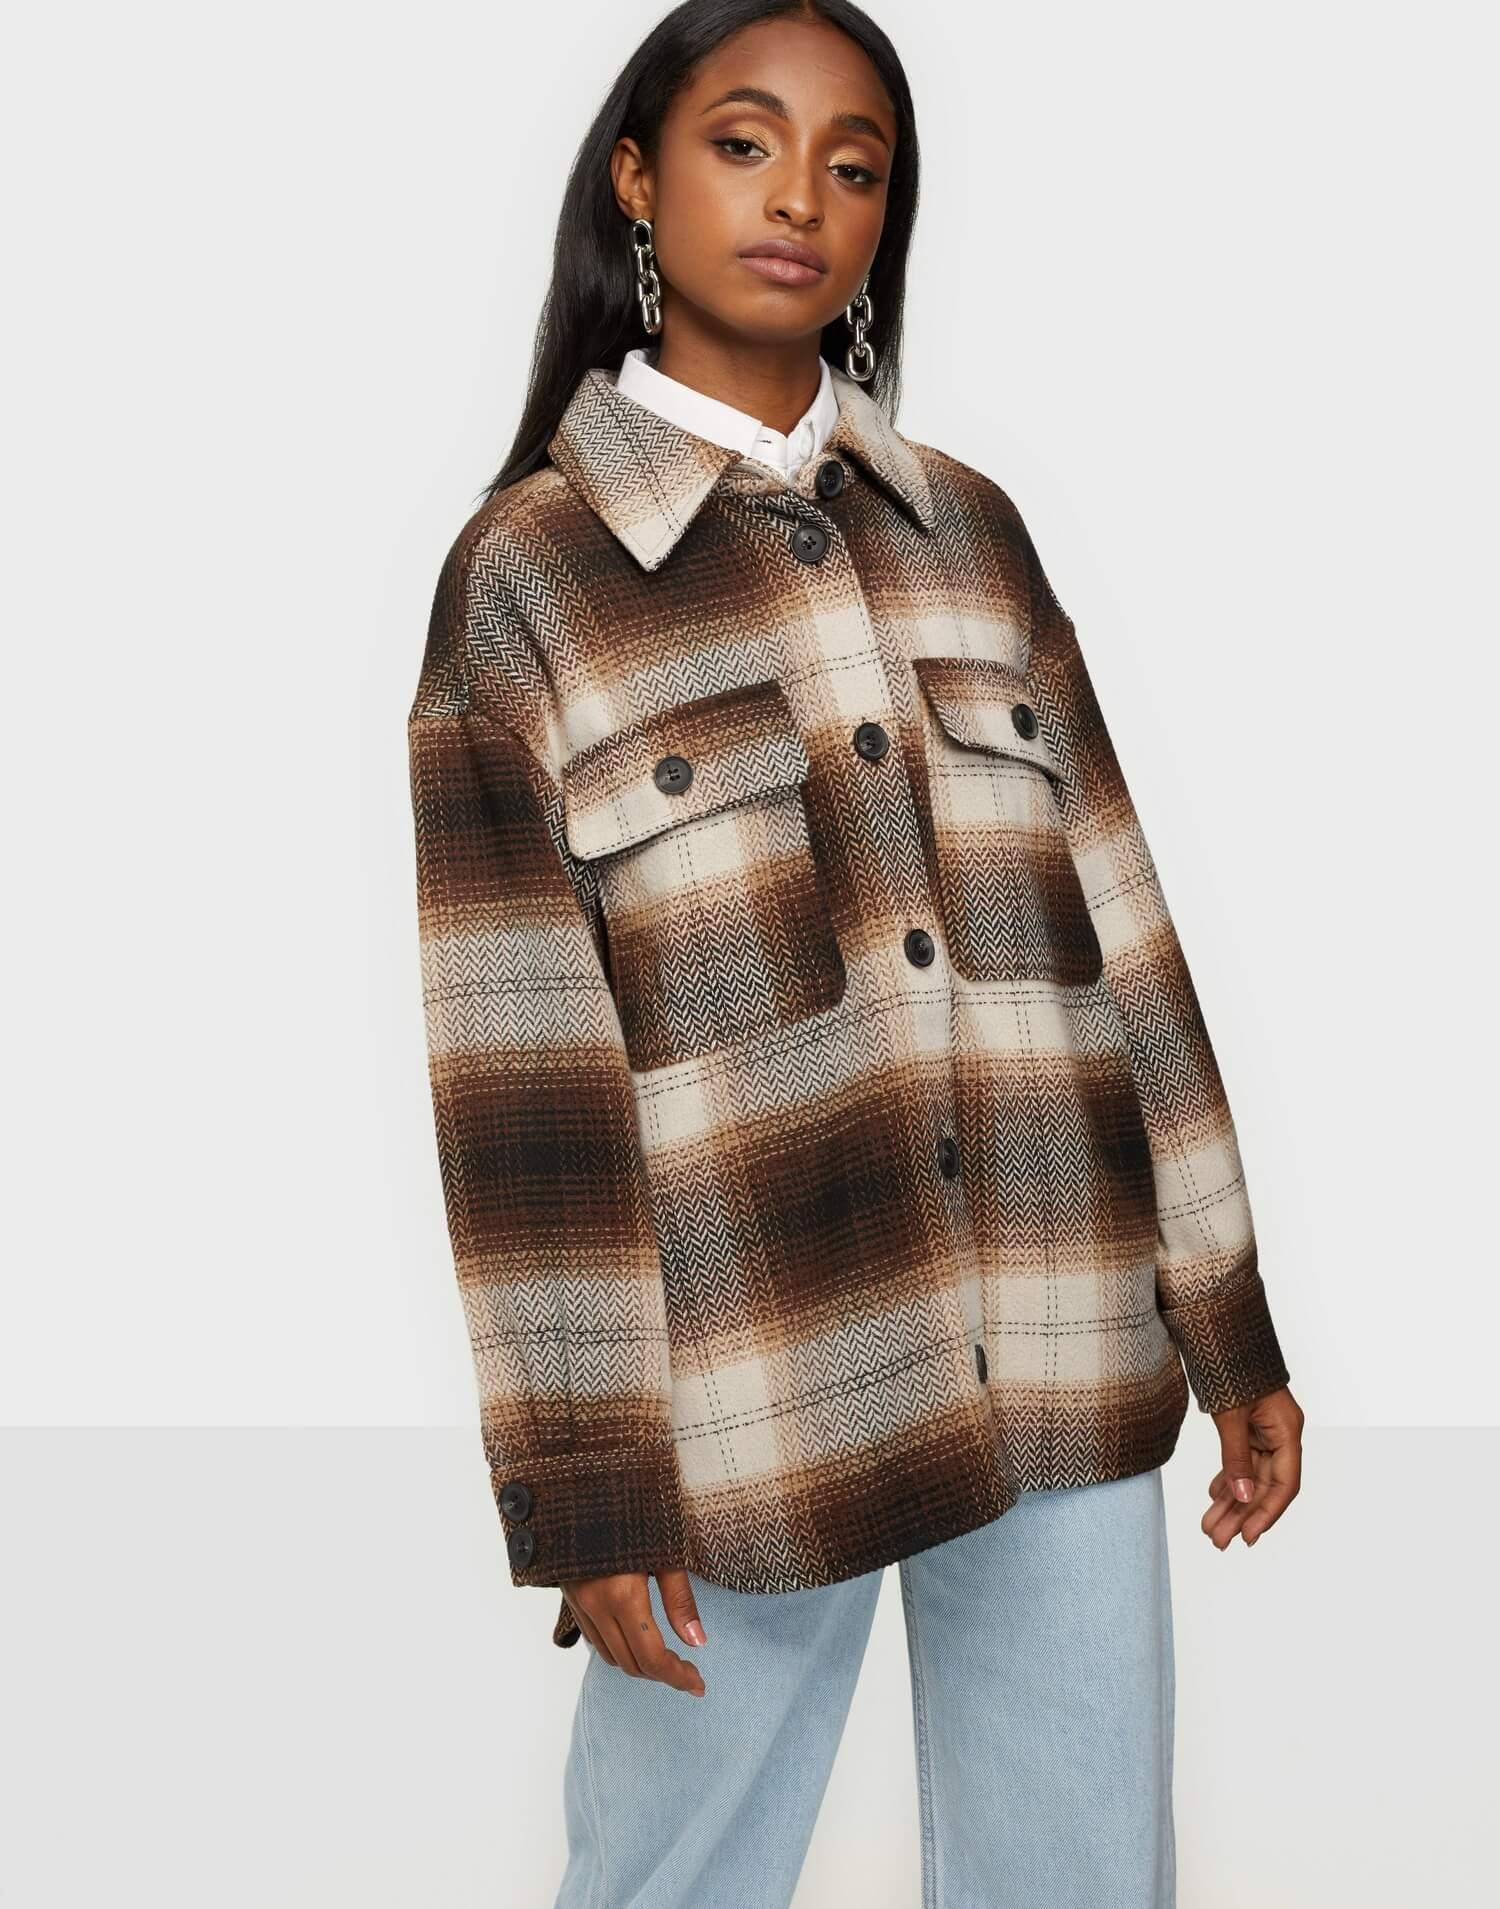 Rutiga jacka i bruna färger